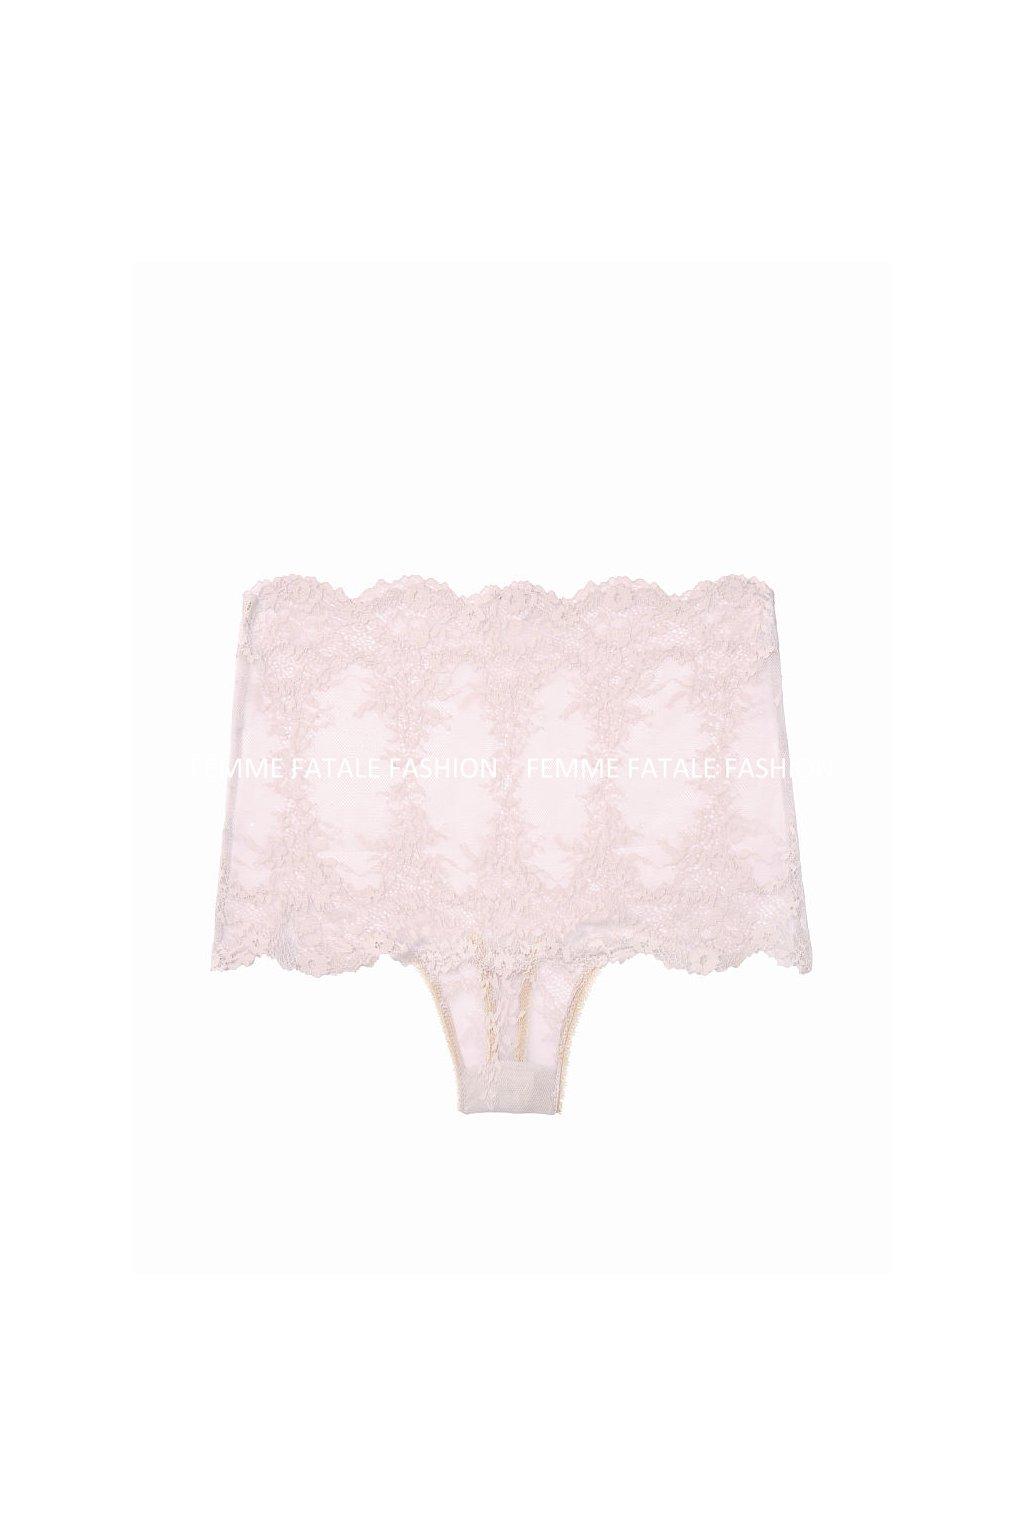 Victoria's Secret krajkové tanga s vysokým pasem High-rise Thong Panty